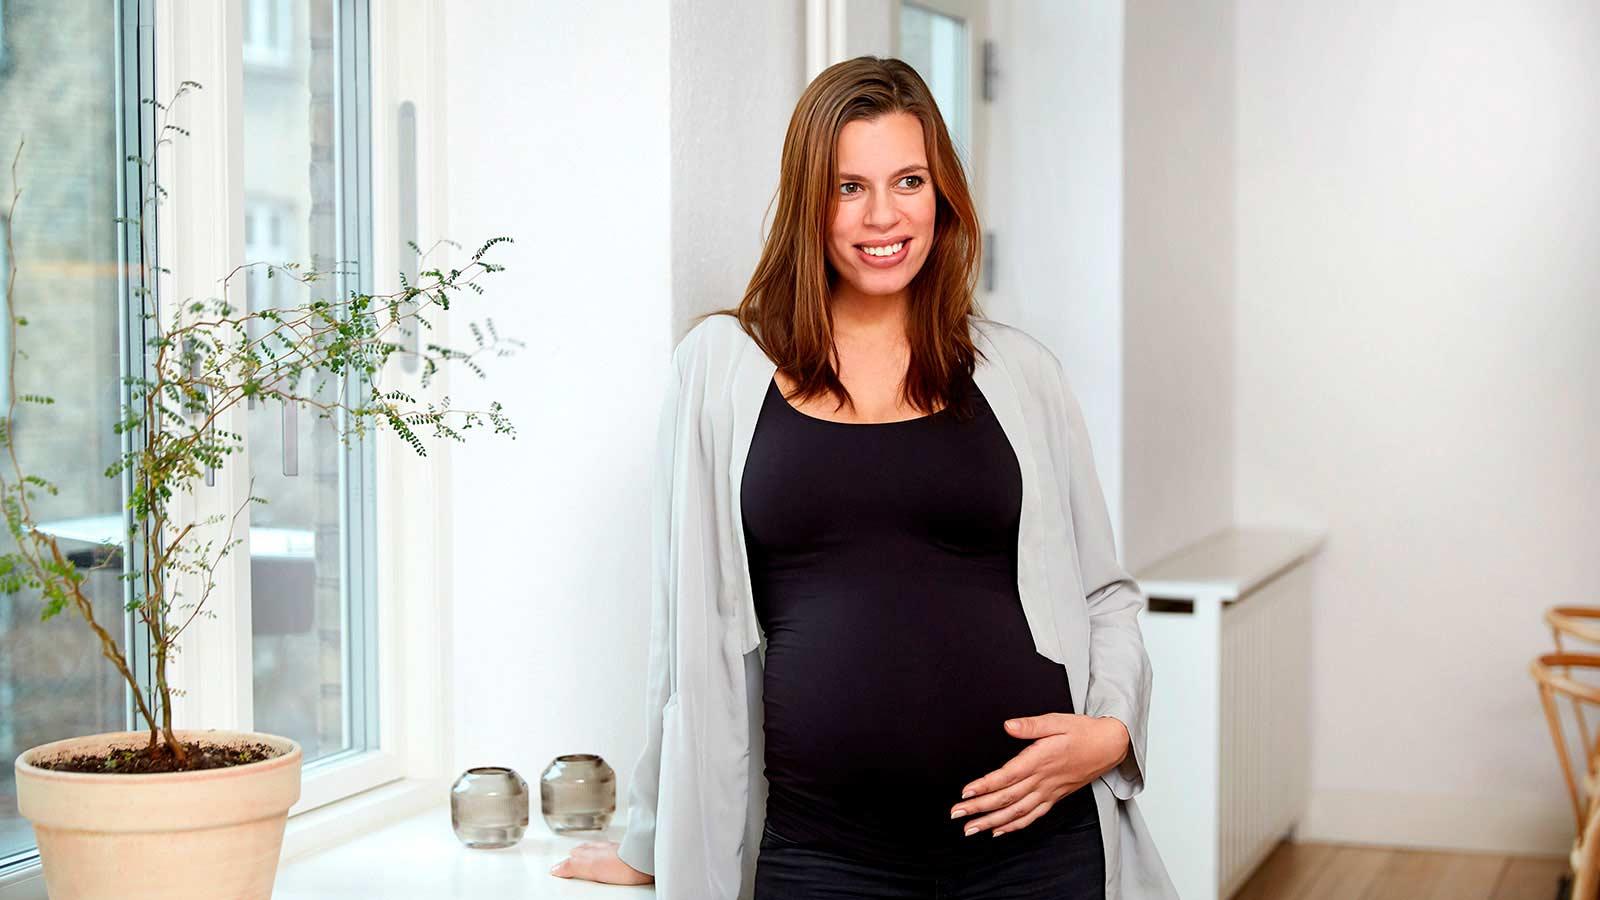 子どもを持つという夢を実現するためにドナー精子を利用した妊娠中の女性